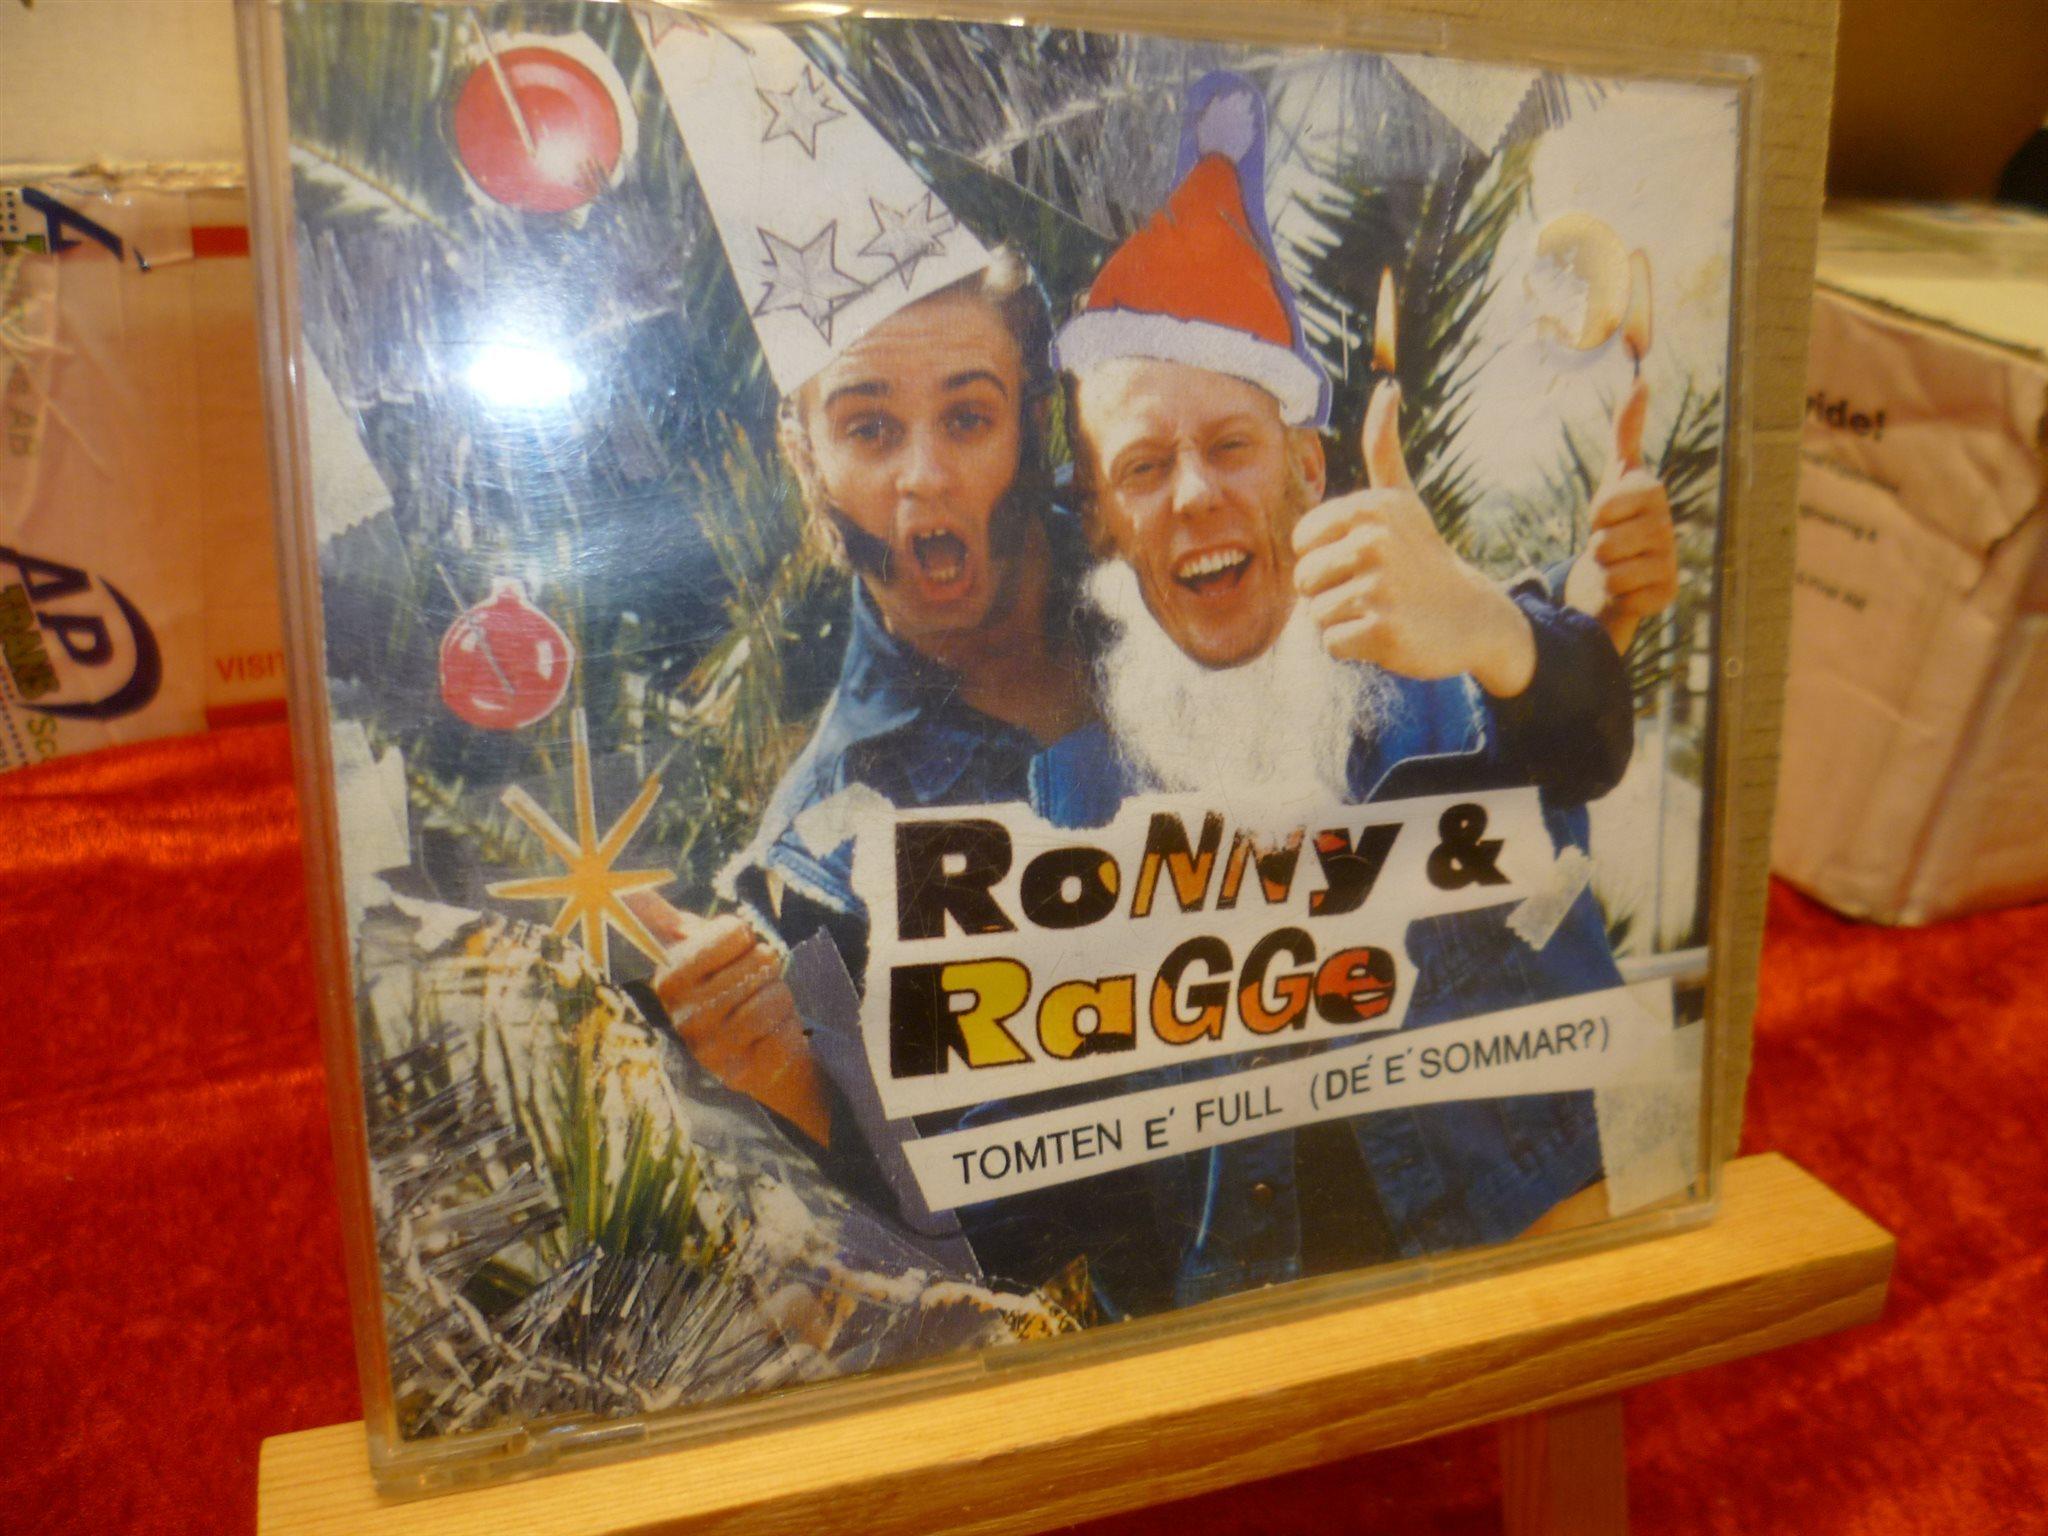 ronny och ragge cd